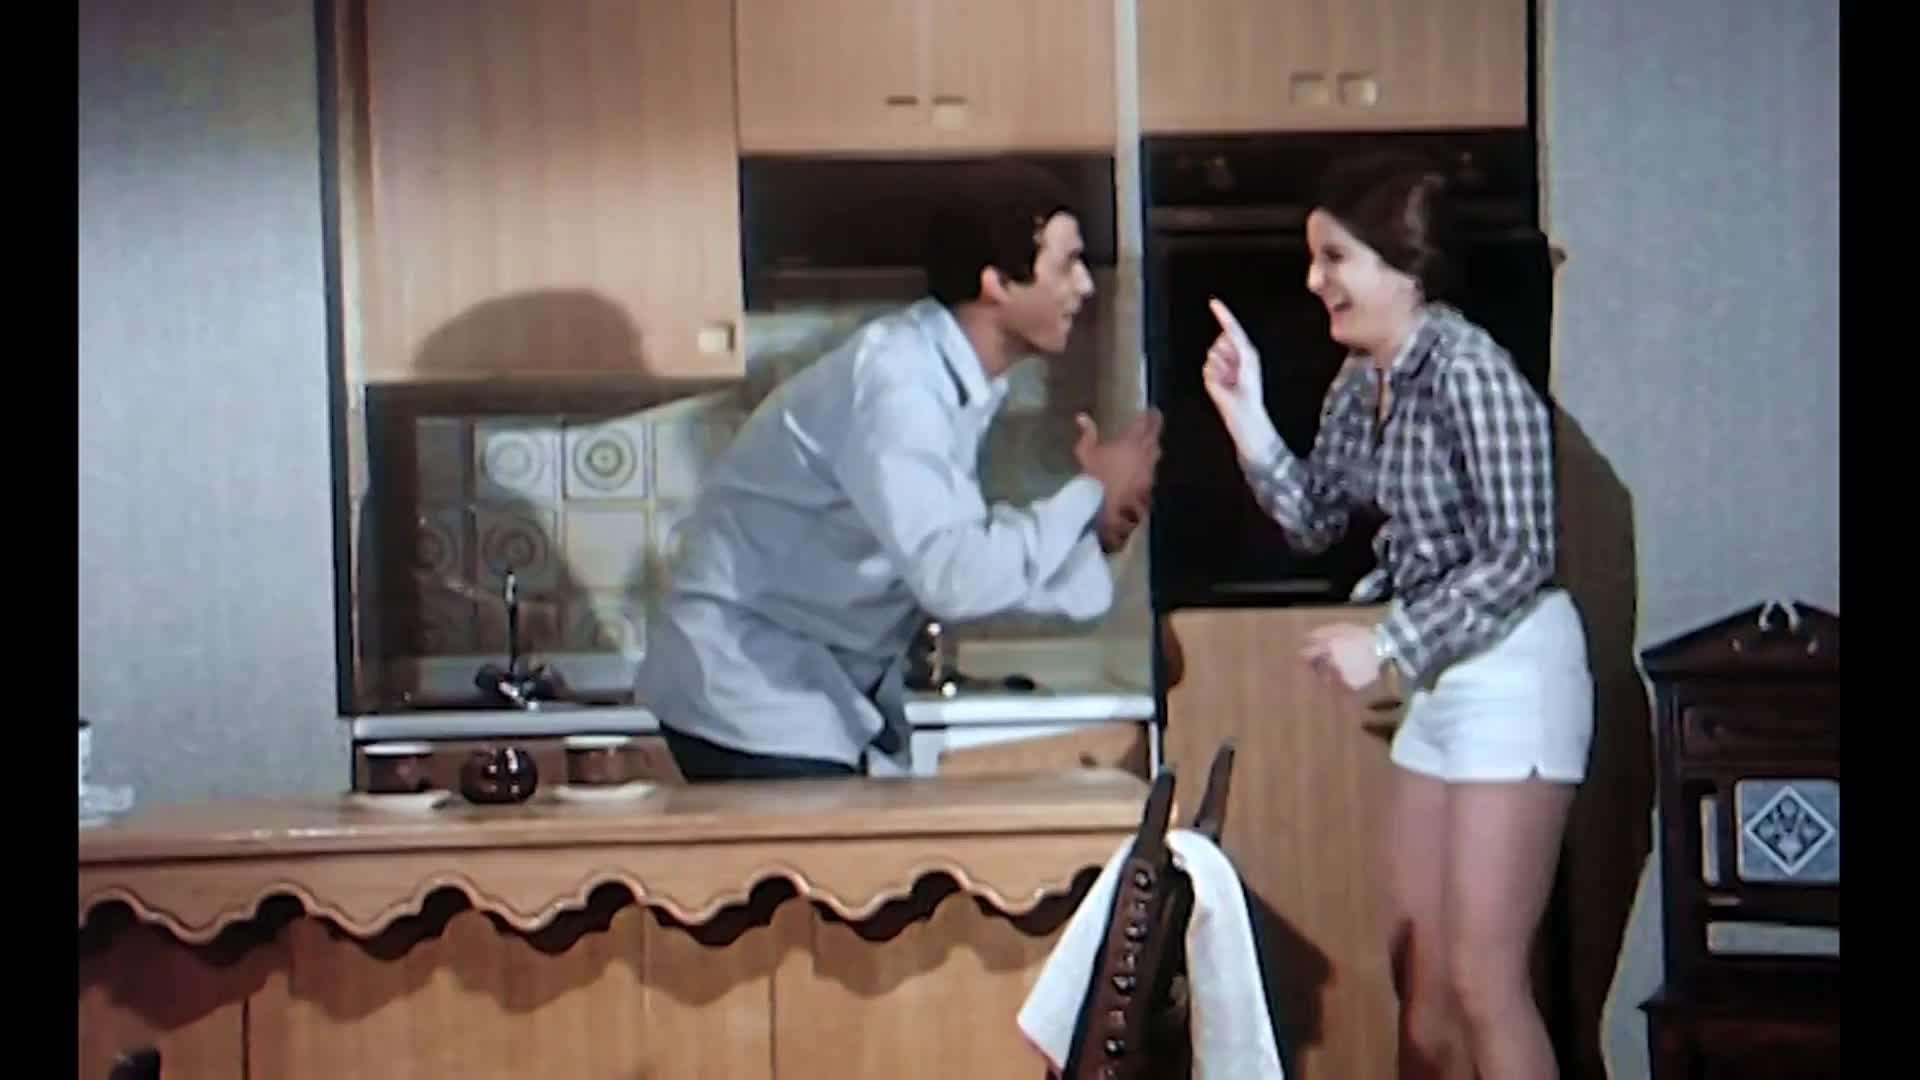 [فيلم][تورنت][تحميل][النمر الأسود][1984][1080p][Web-DL] 9 arabp2p.com